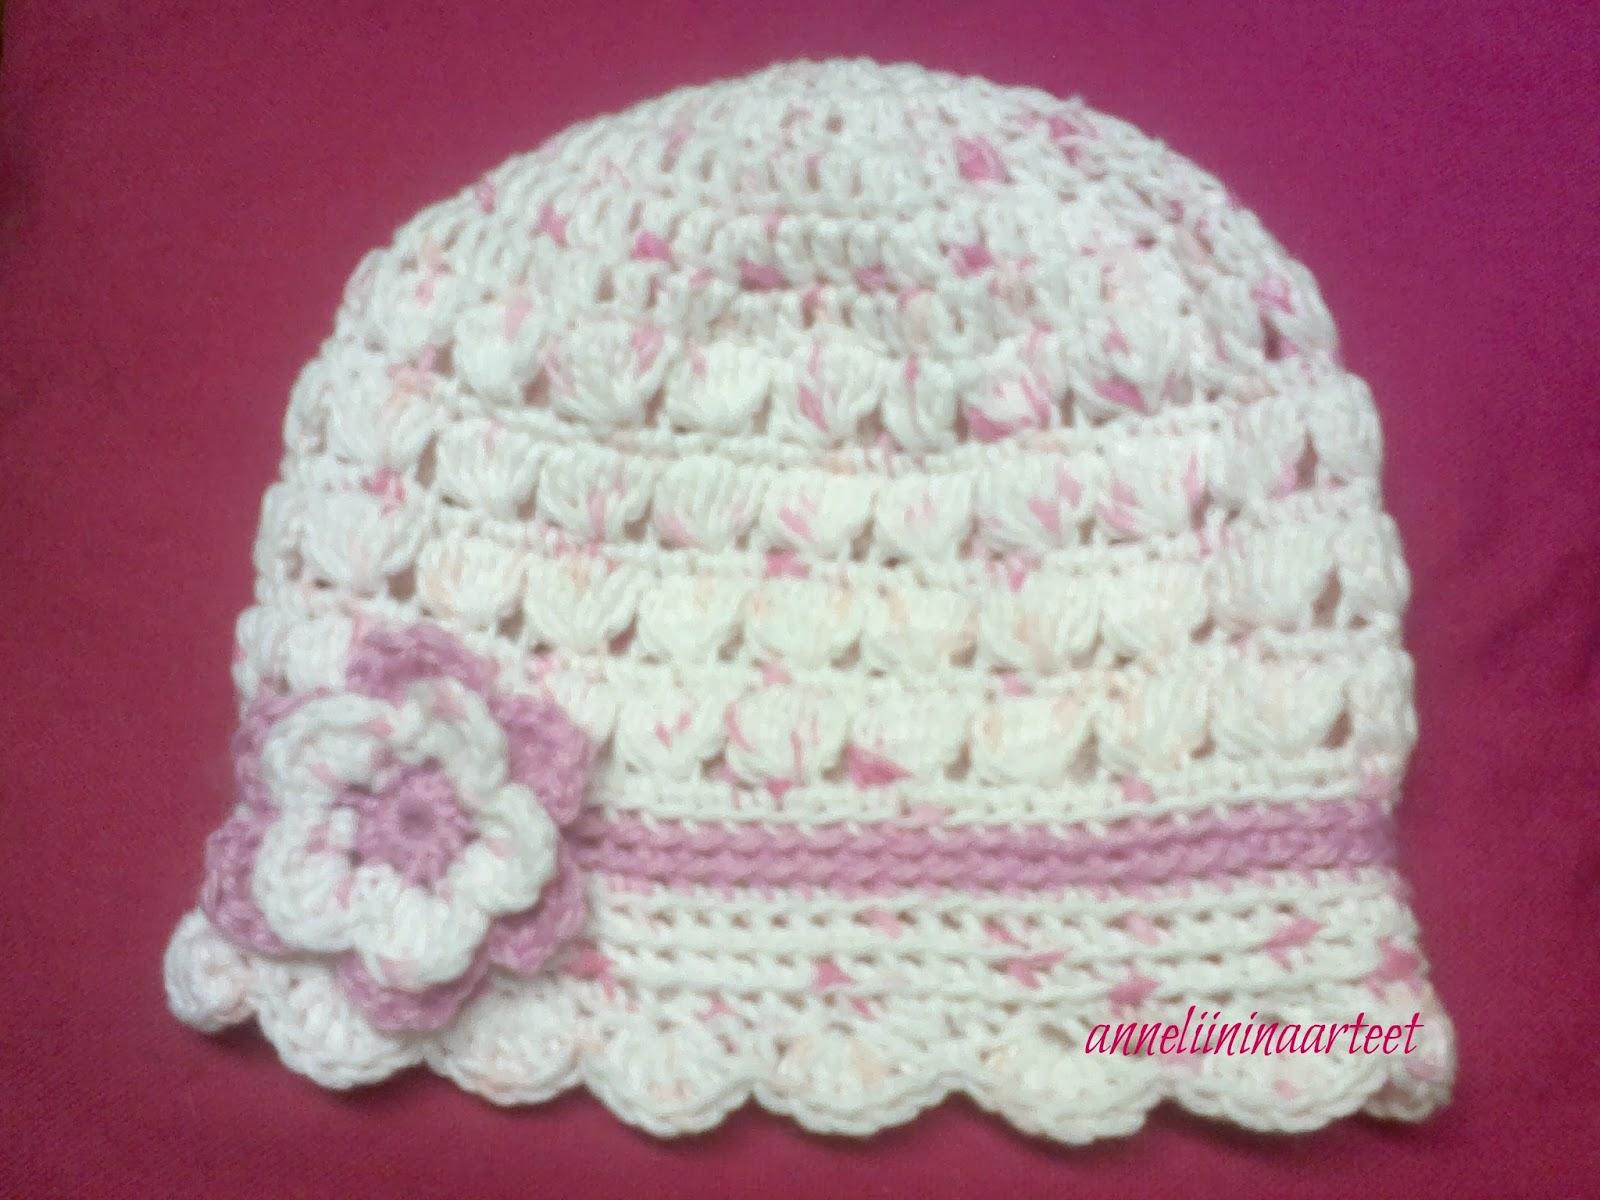 Anneliinin Aarteet   Uusi hattu 62f71576c5